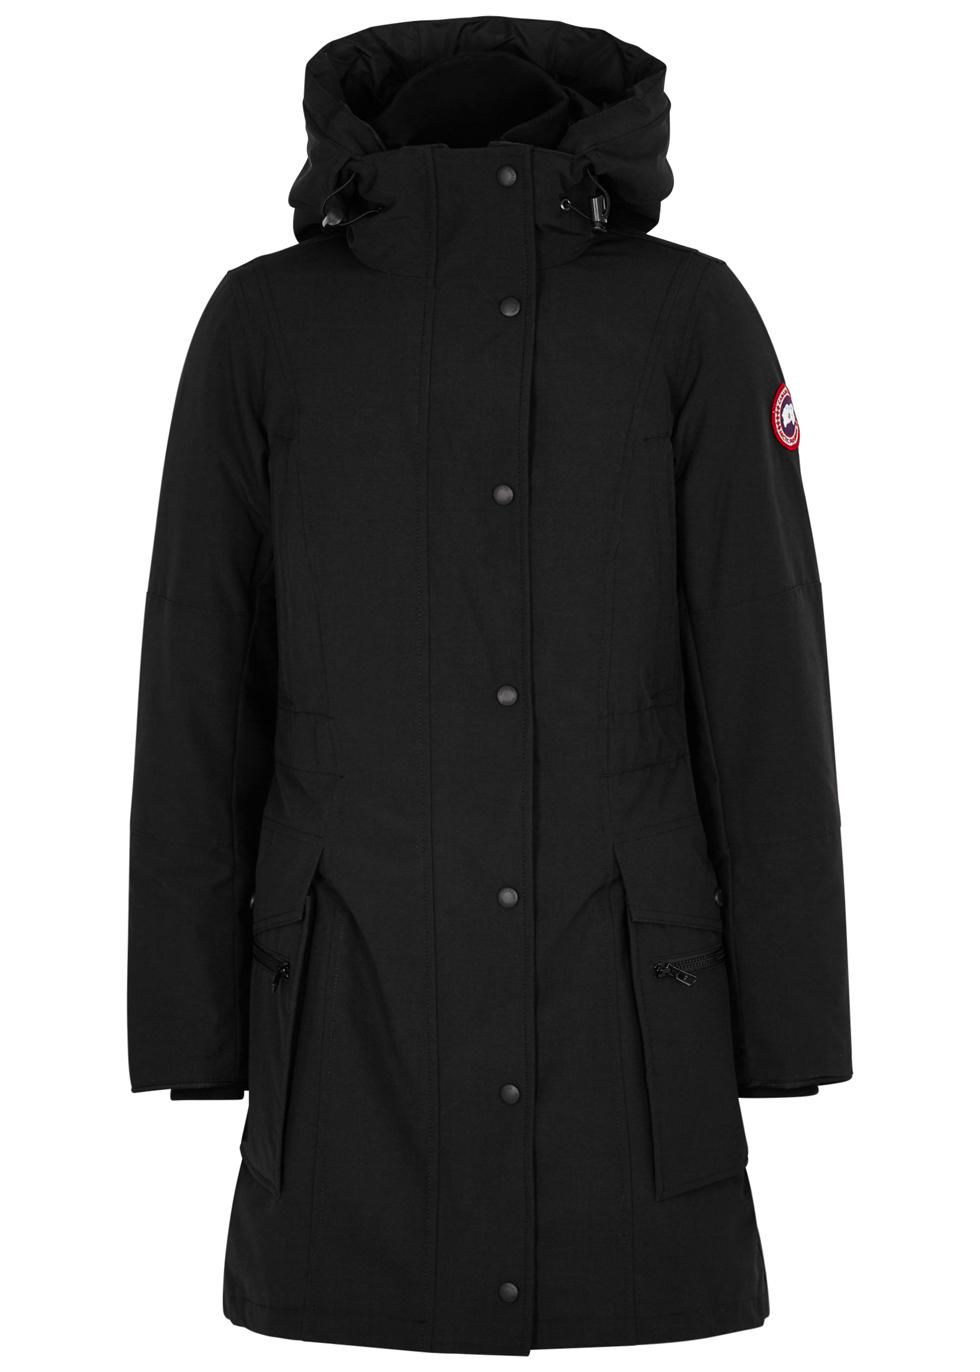 d6dd88560ad Canada Goose - Designer Jackets & Coats - Harvey Nichols.